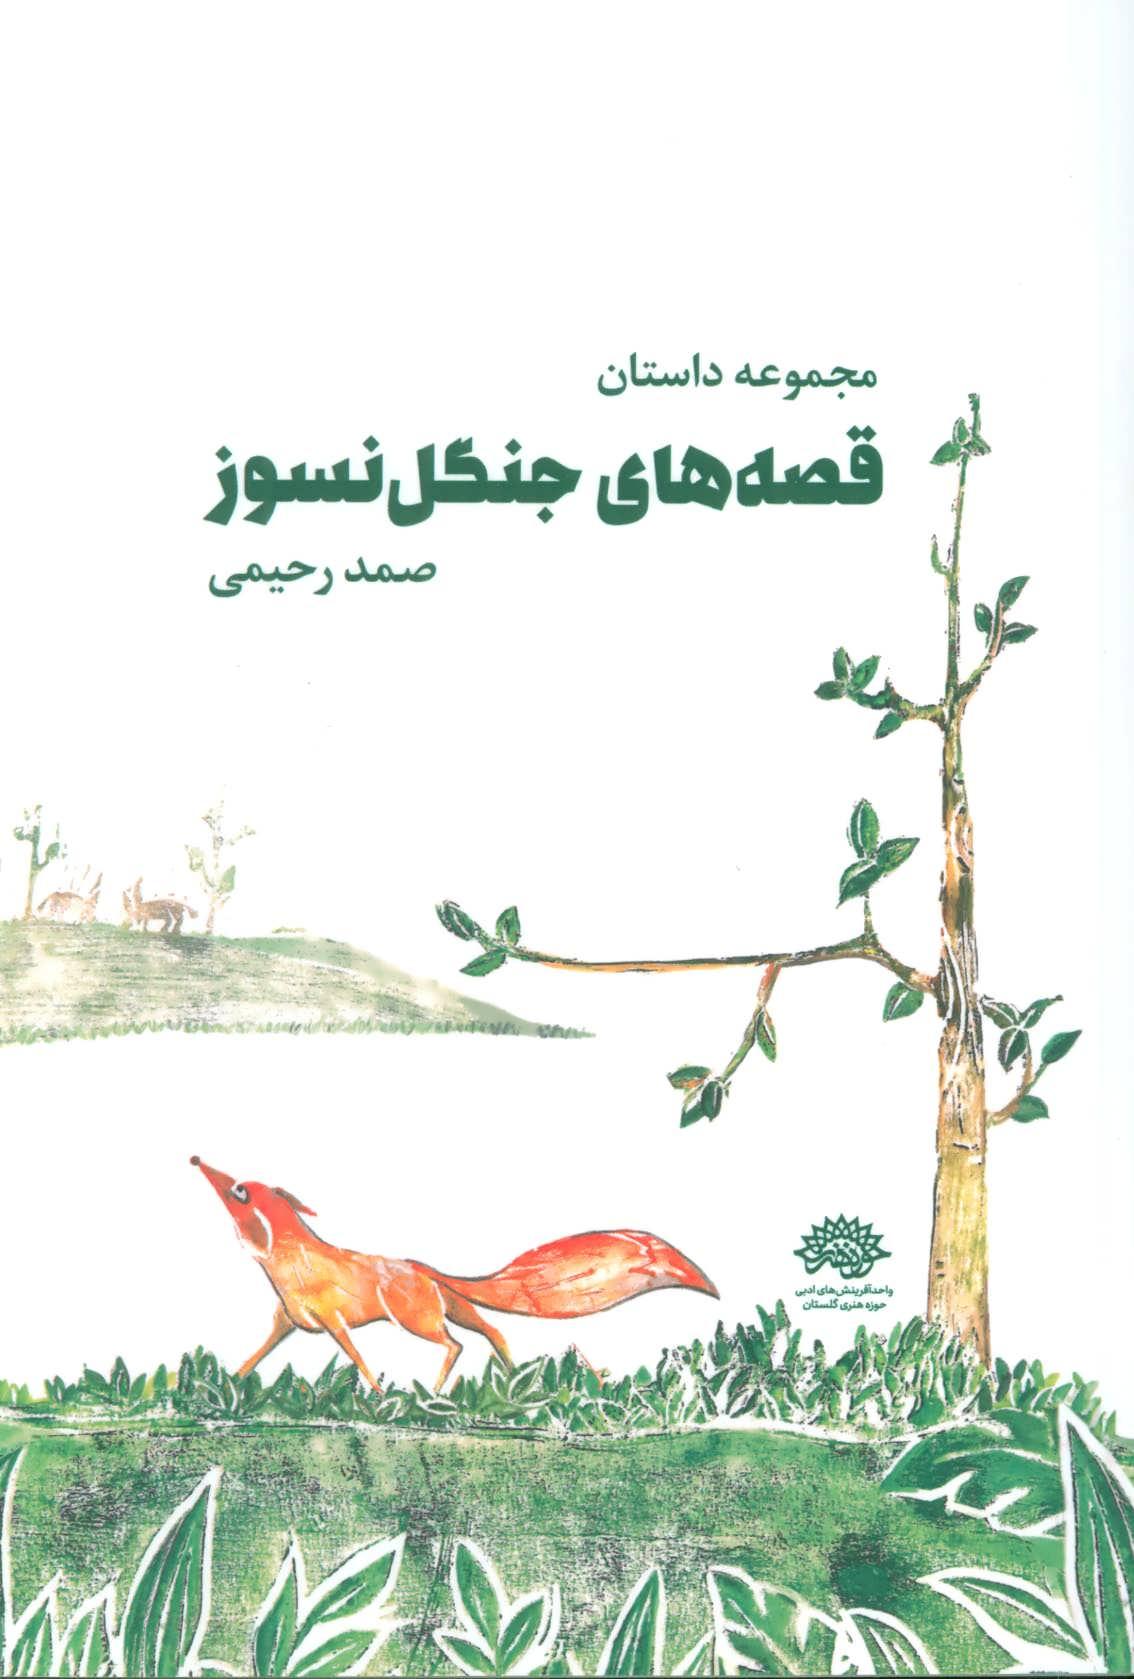 کتاب قصه های جنگل نسوز